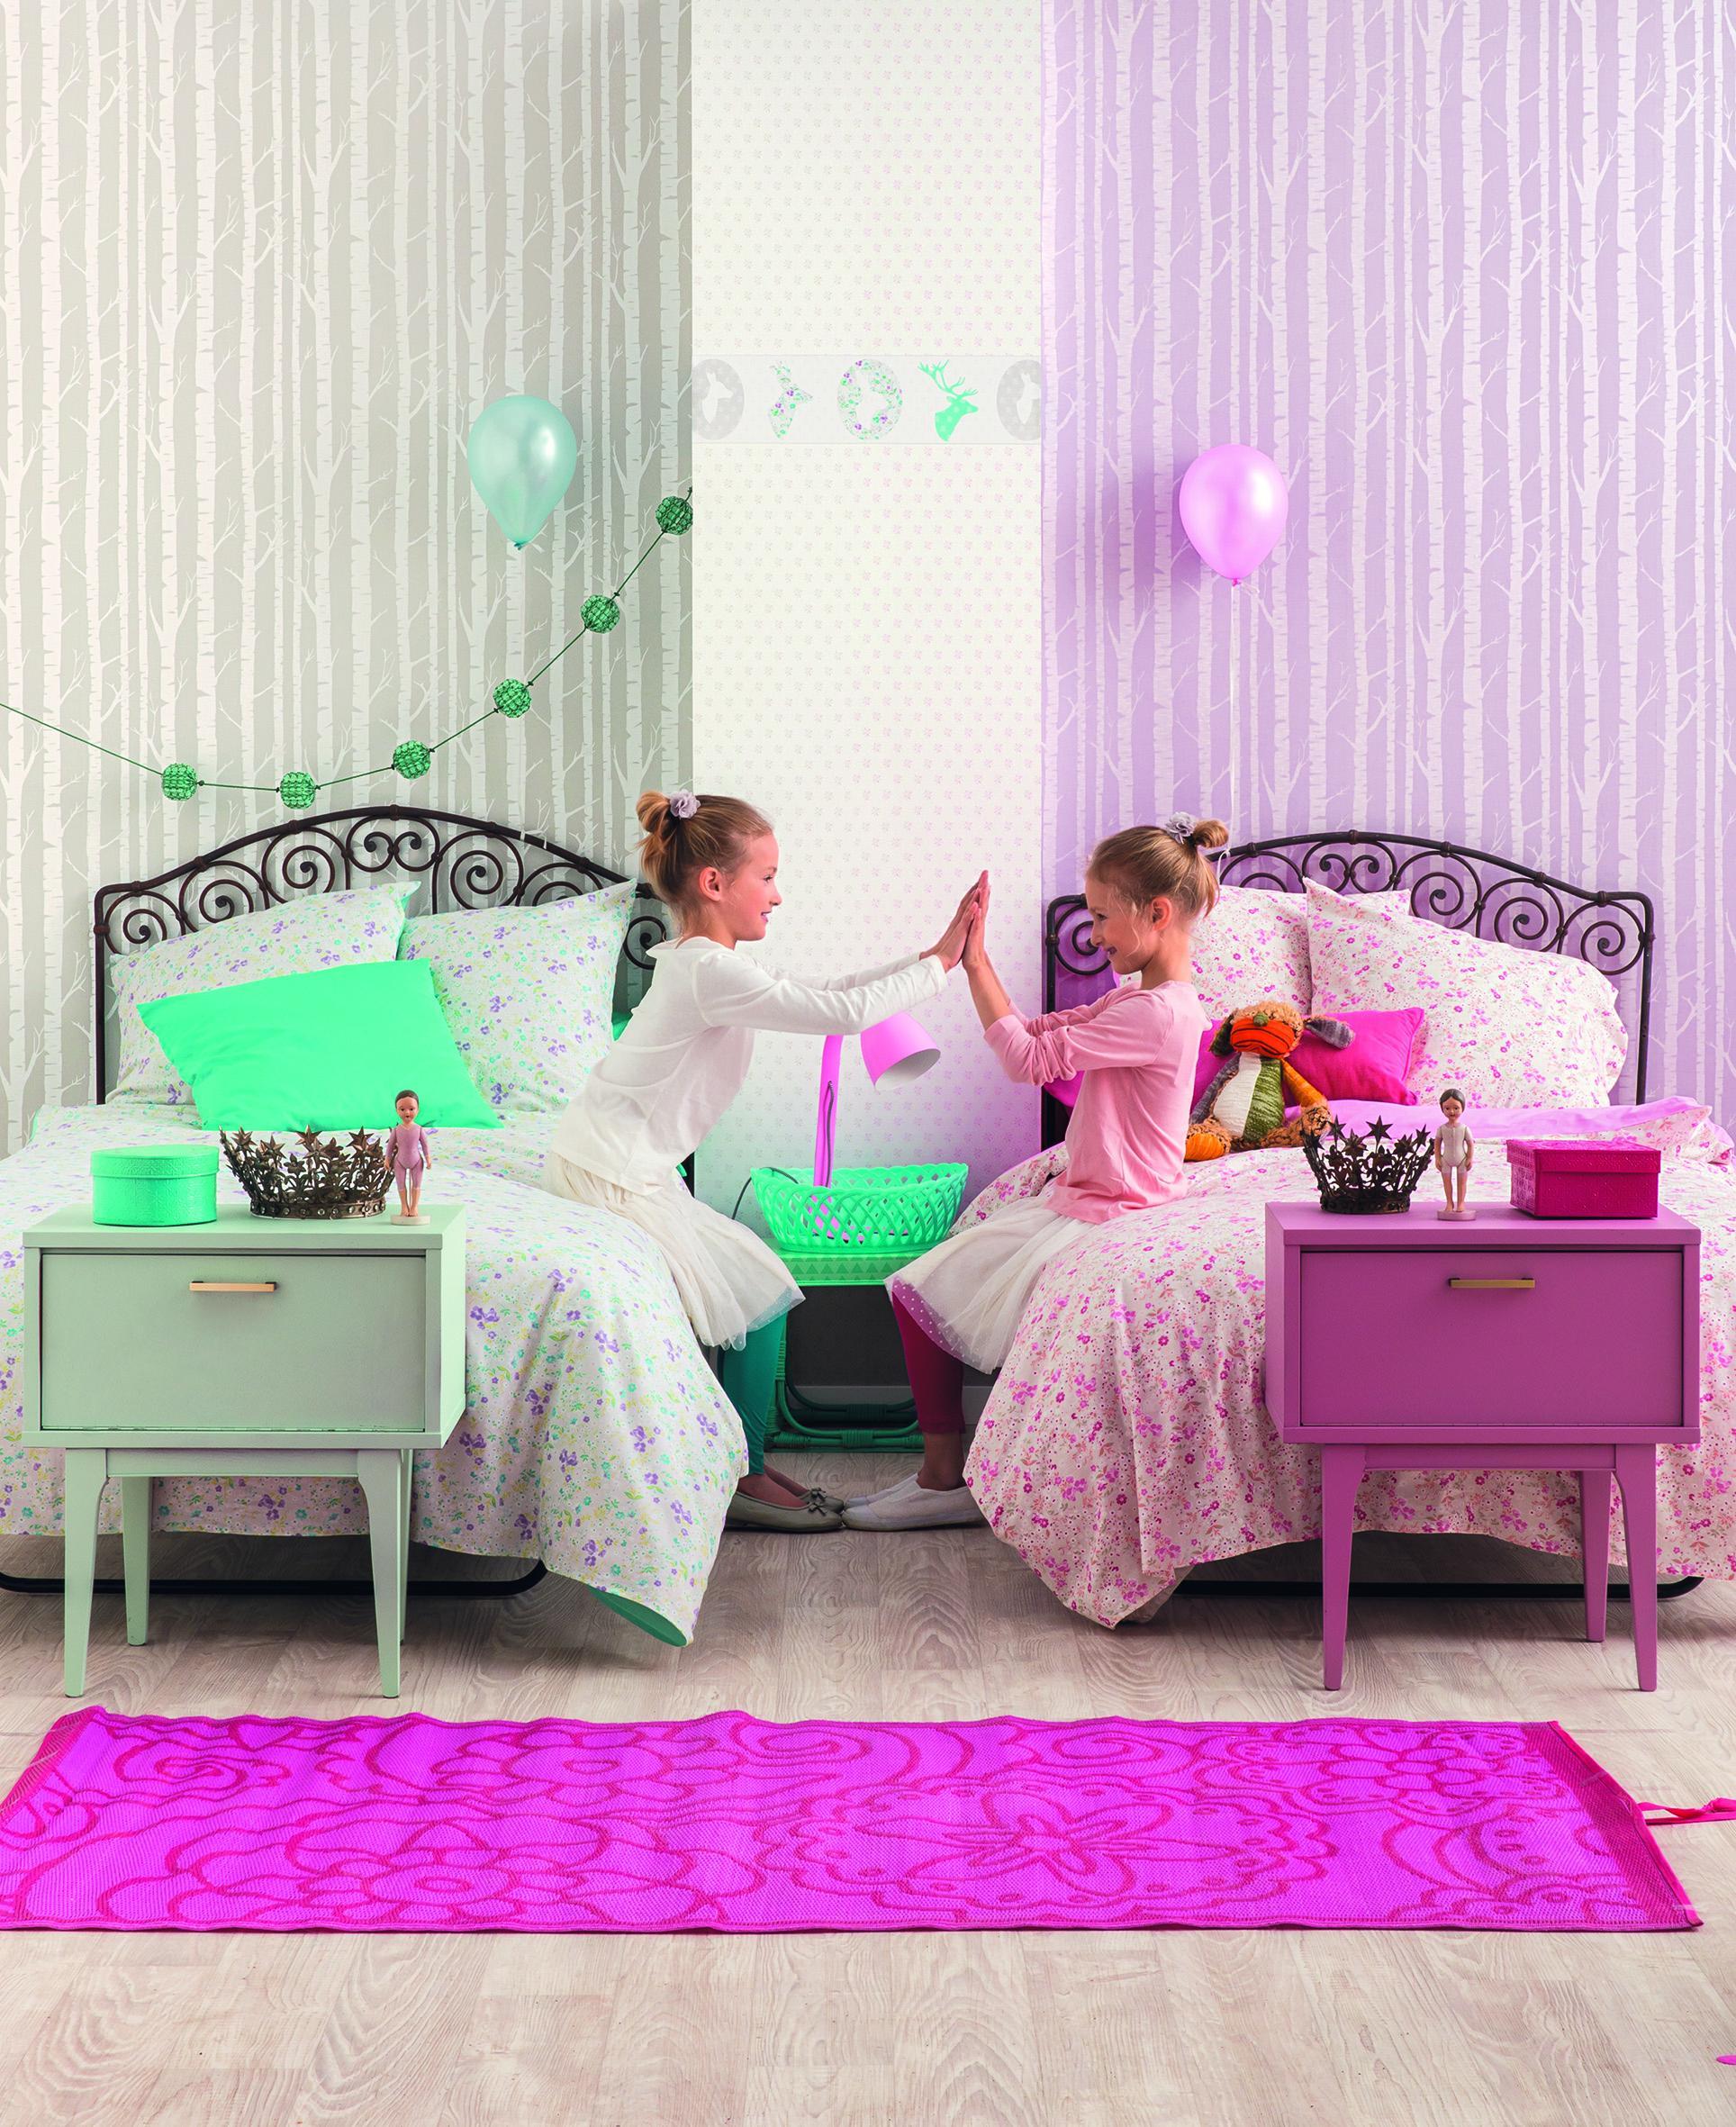 Kreative Ideen für Wandgestaltung im Kinderzimmer